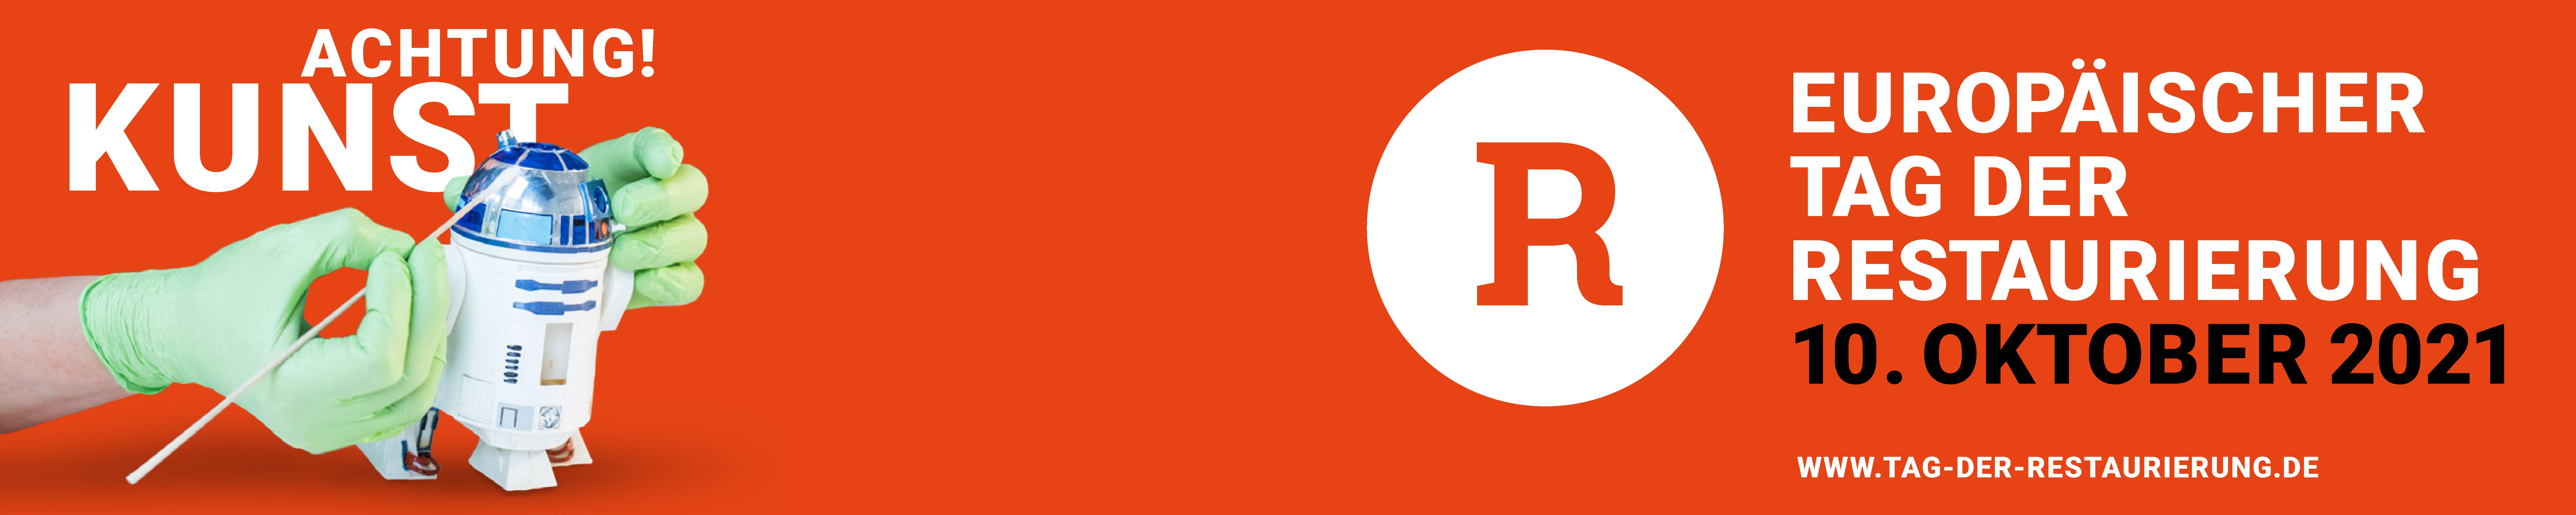 Werbebanner zum Einbinden in Mailings oder Websites